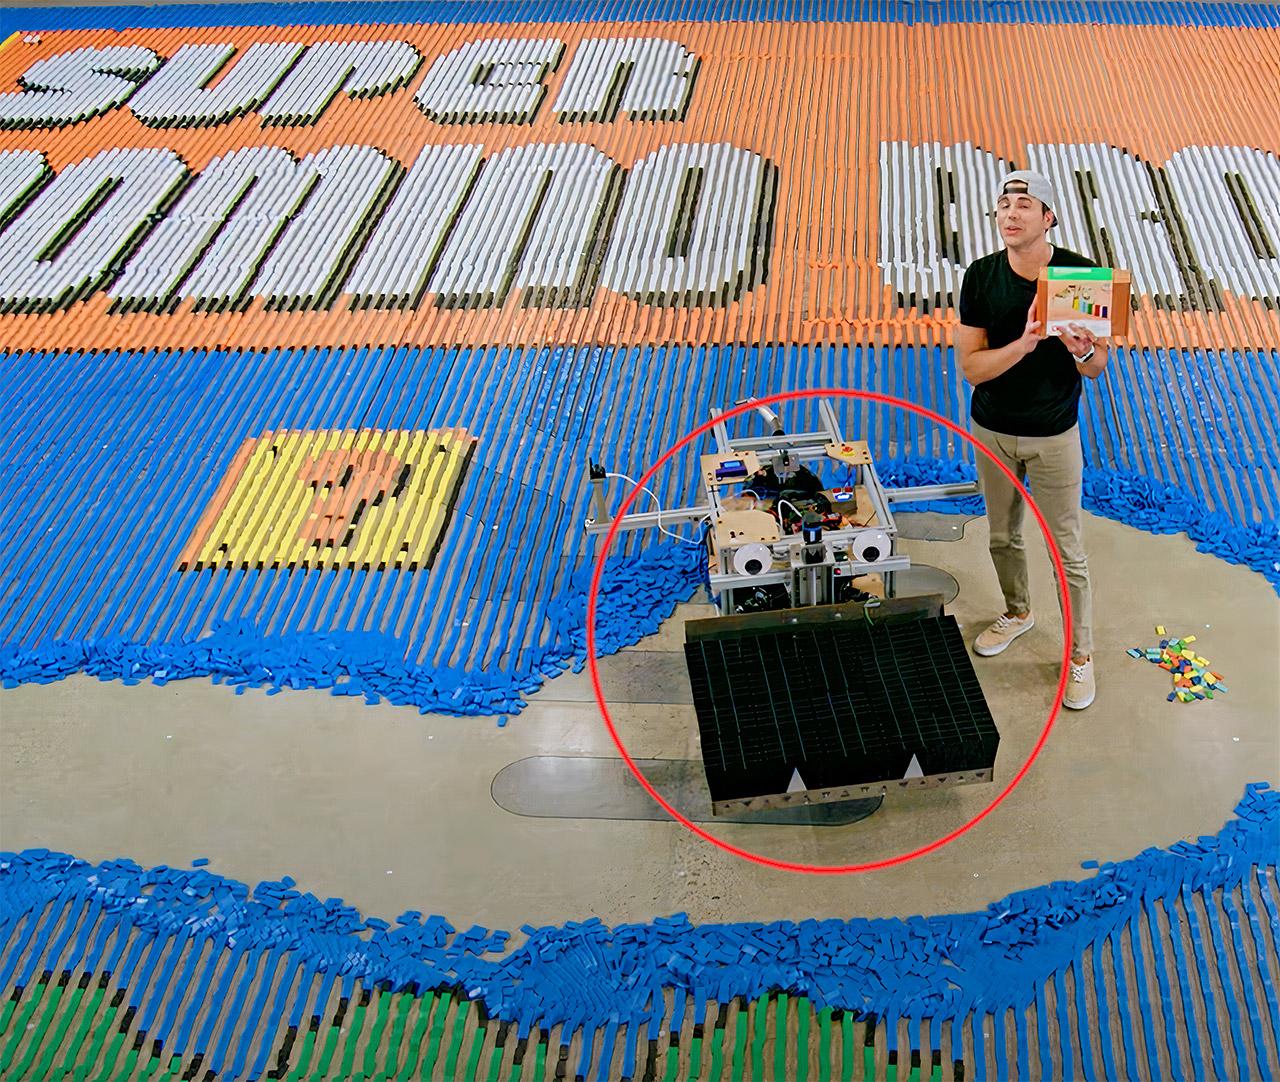 Mark Rober NASA Domino Robot Super Mario Bros